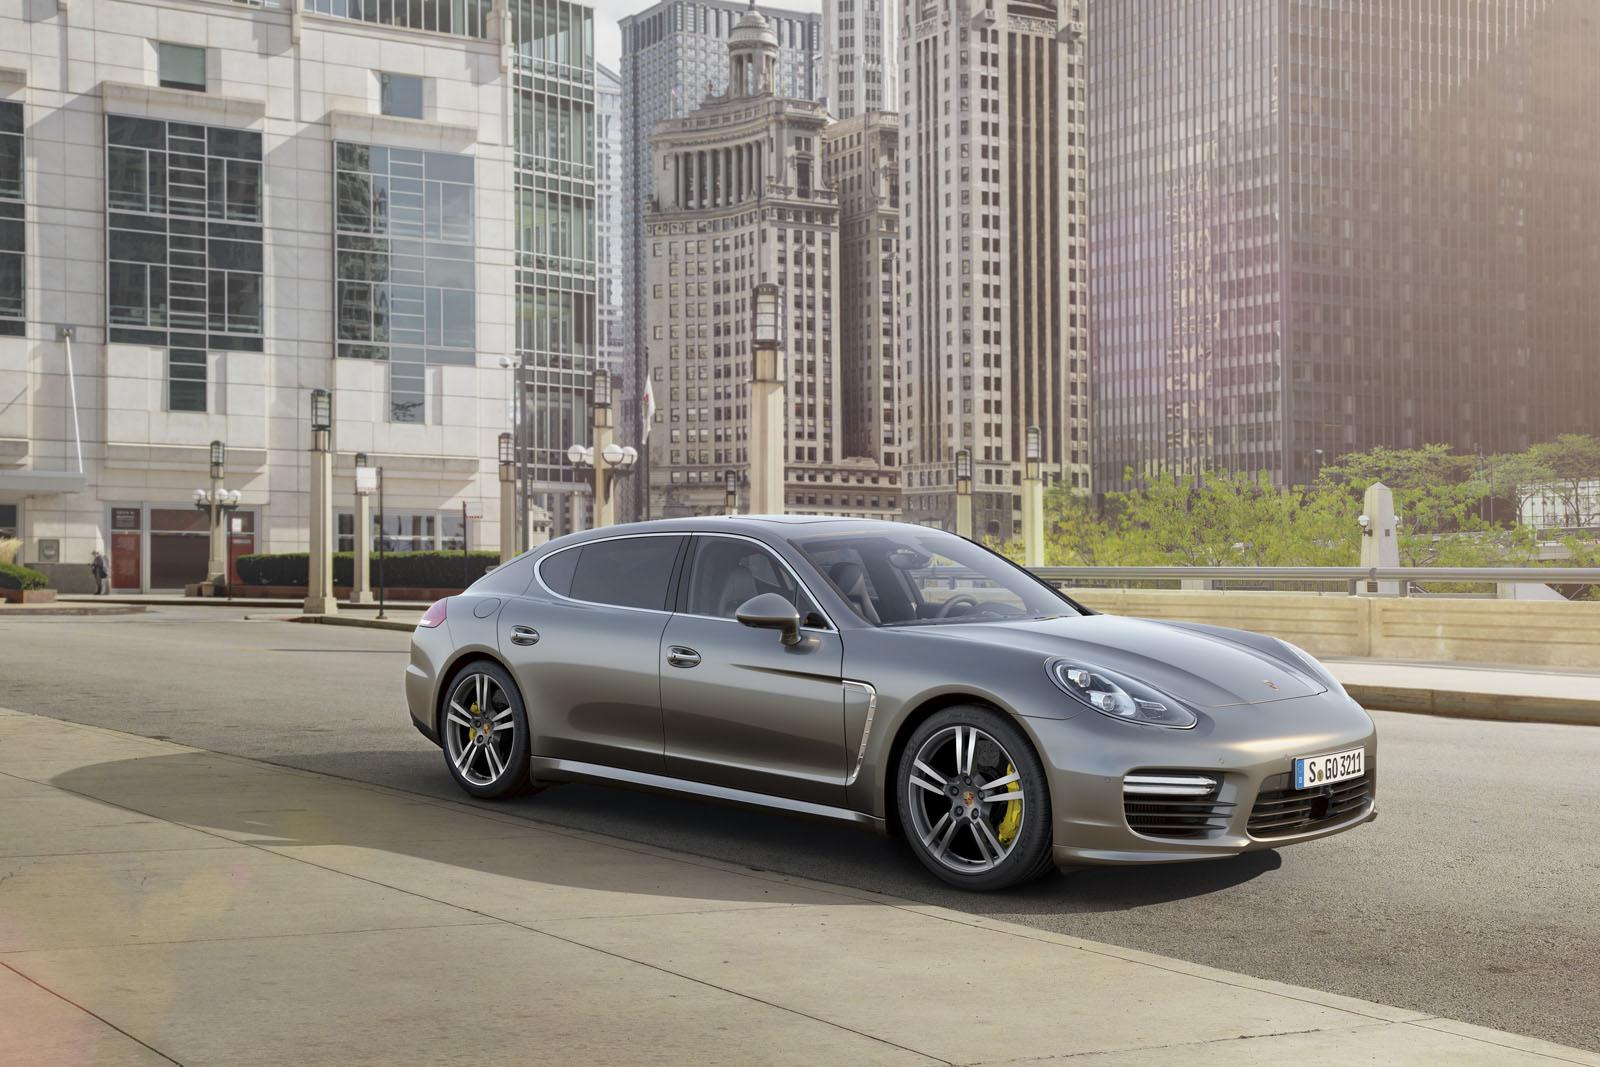 Así se muestra el nuevo Porsche Panamera Turbo S